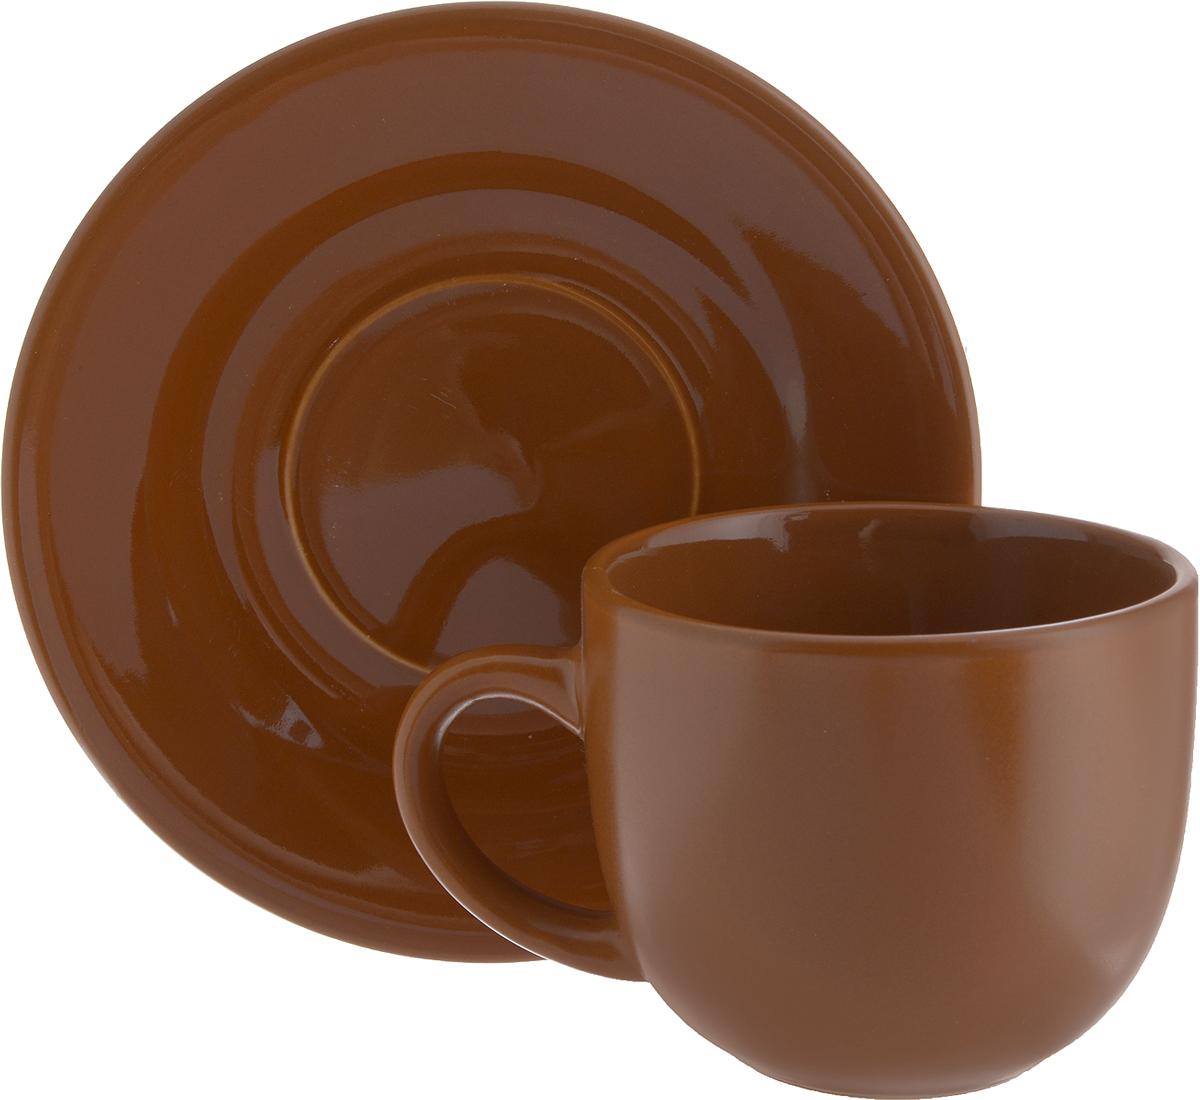 Чайная пара Ломоносовская керамика, 2 предмета. 1ЧП-220ТТ1333003_БутонЧайная пара Ломоносовская керамика состоит из чашки и блюдца. Изделия, выполненные из высококачественной глины с глазурованным покрытием, имеют элегантный дизайн. Такая чайная пара прекрасно подойдет как для повседневного использования, так и для праздников. Чайная пара Ломоносовская керамика - это полезный подарок для родных и близких, это также великолепное дизайнерское решение для вашей кухни или столовой. Объем чашки: 200 мл. Диаметр чашки (по верхнему краю): 8,5 см. Высота чашки: 7 см.Диаметр блюдца: 14,5 см.Высота блюдца: 1,7 см.